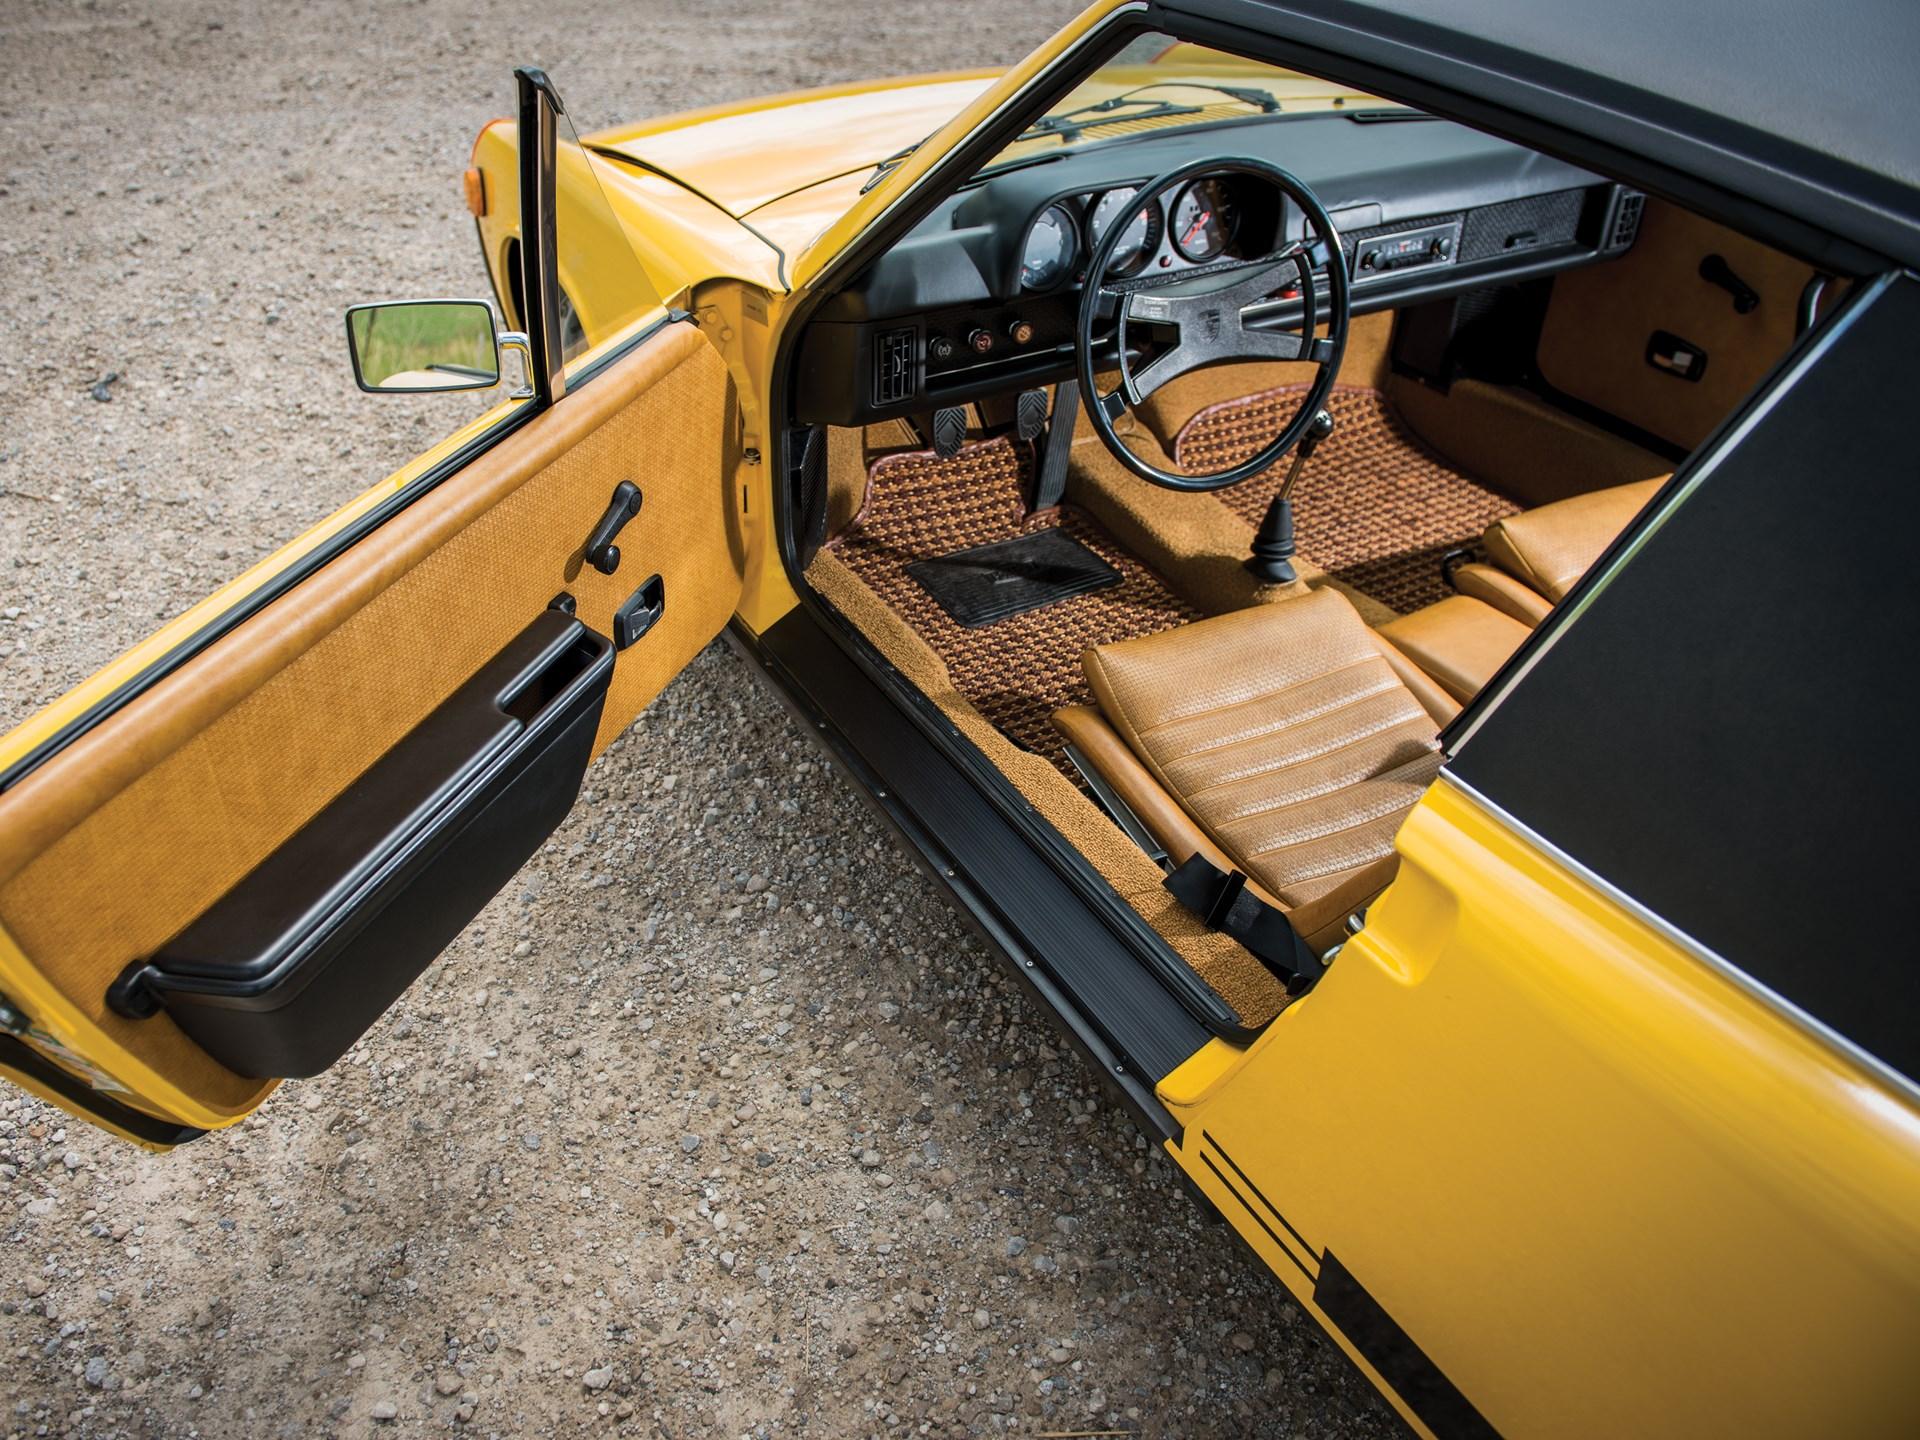 1975 Porsche 914 open driver door